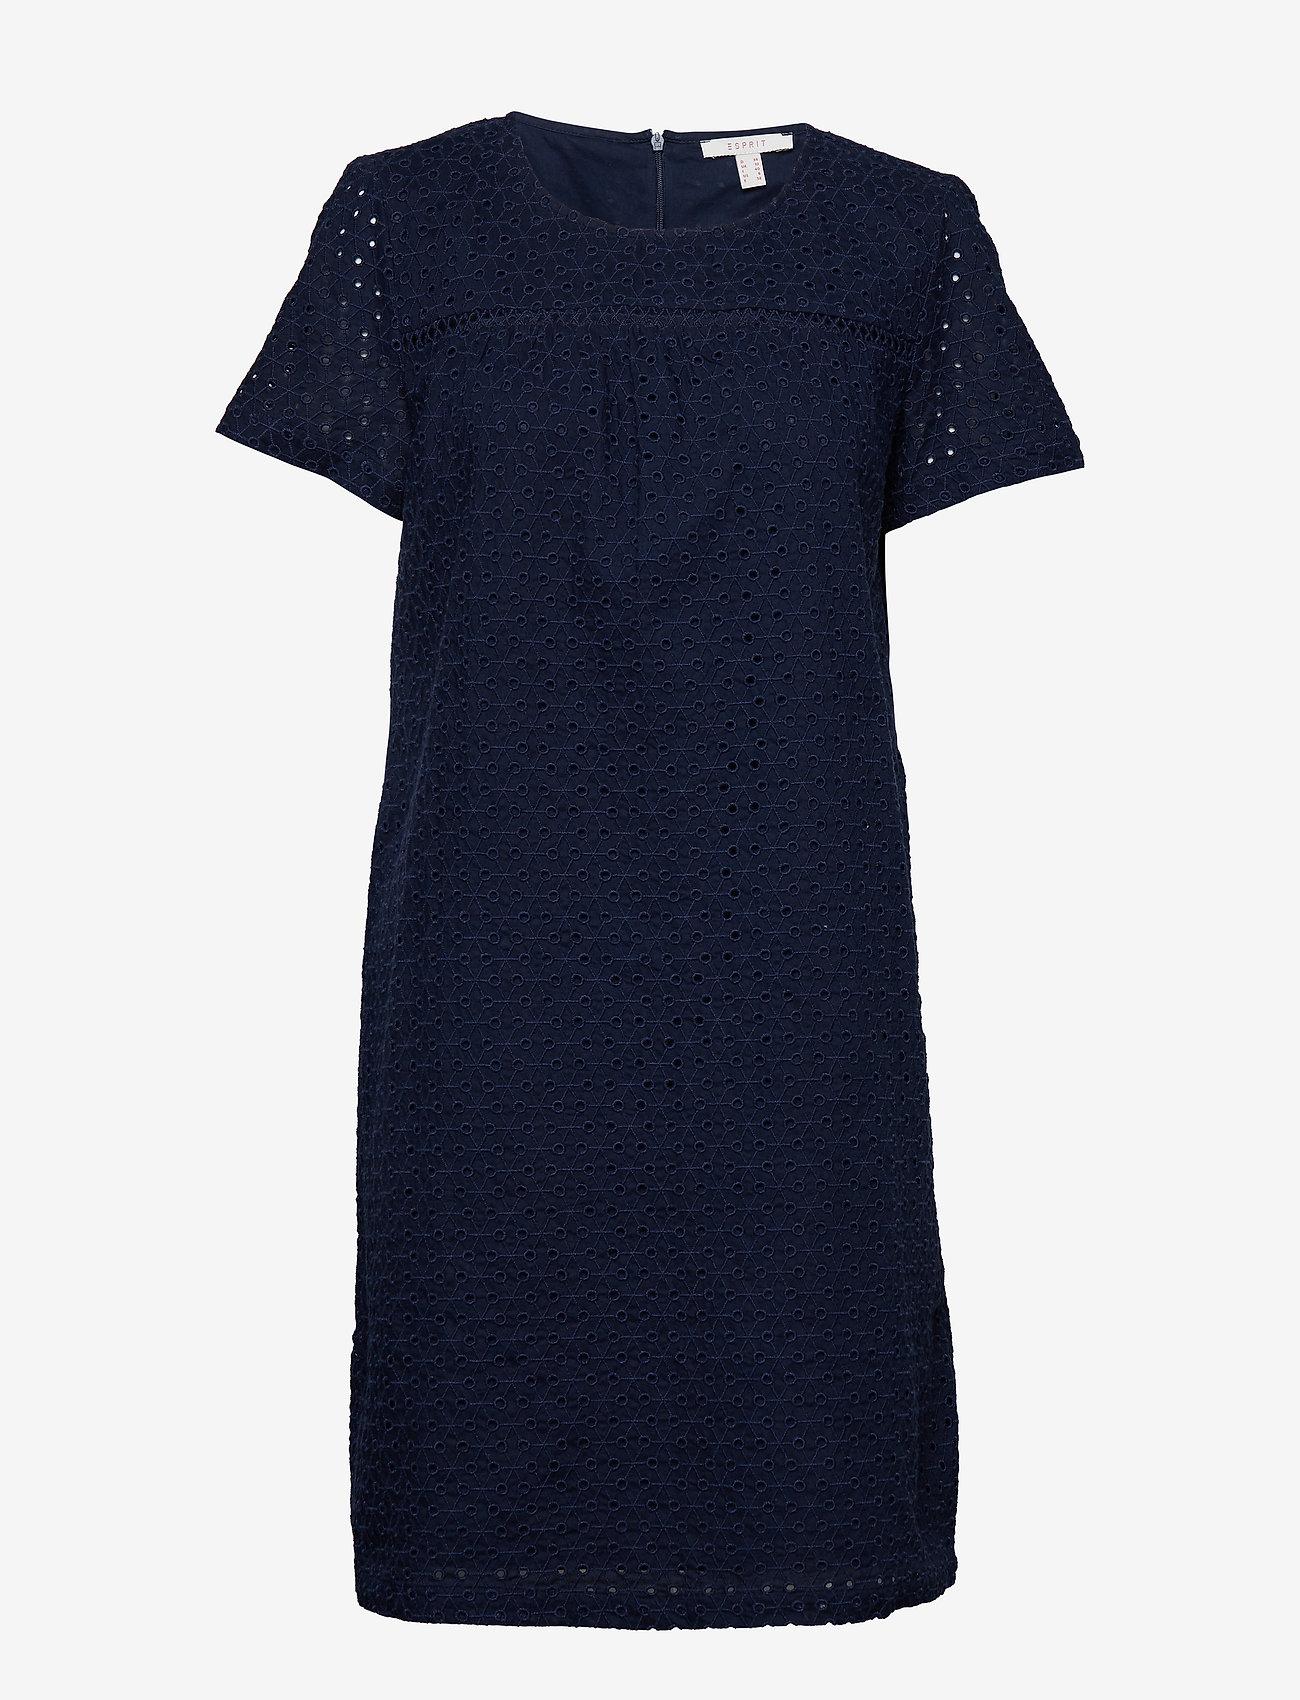 Esprit Casual - Dresses light woven - korte kjoler - navy - 0